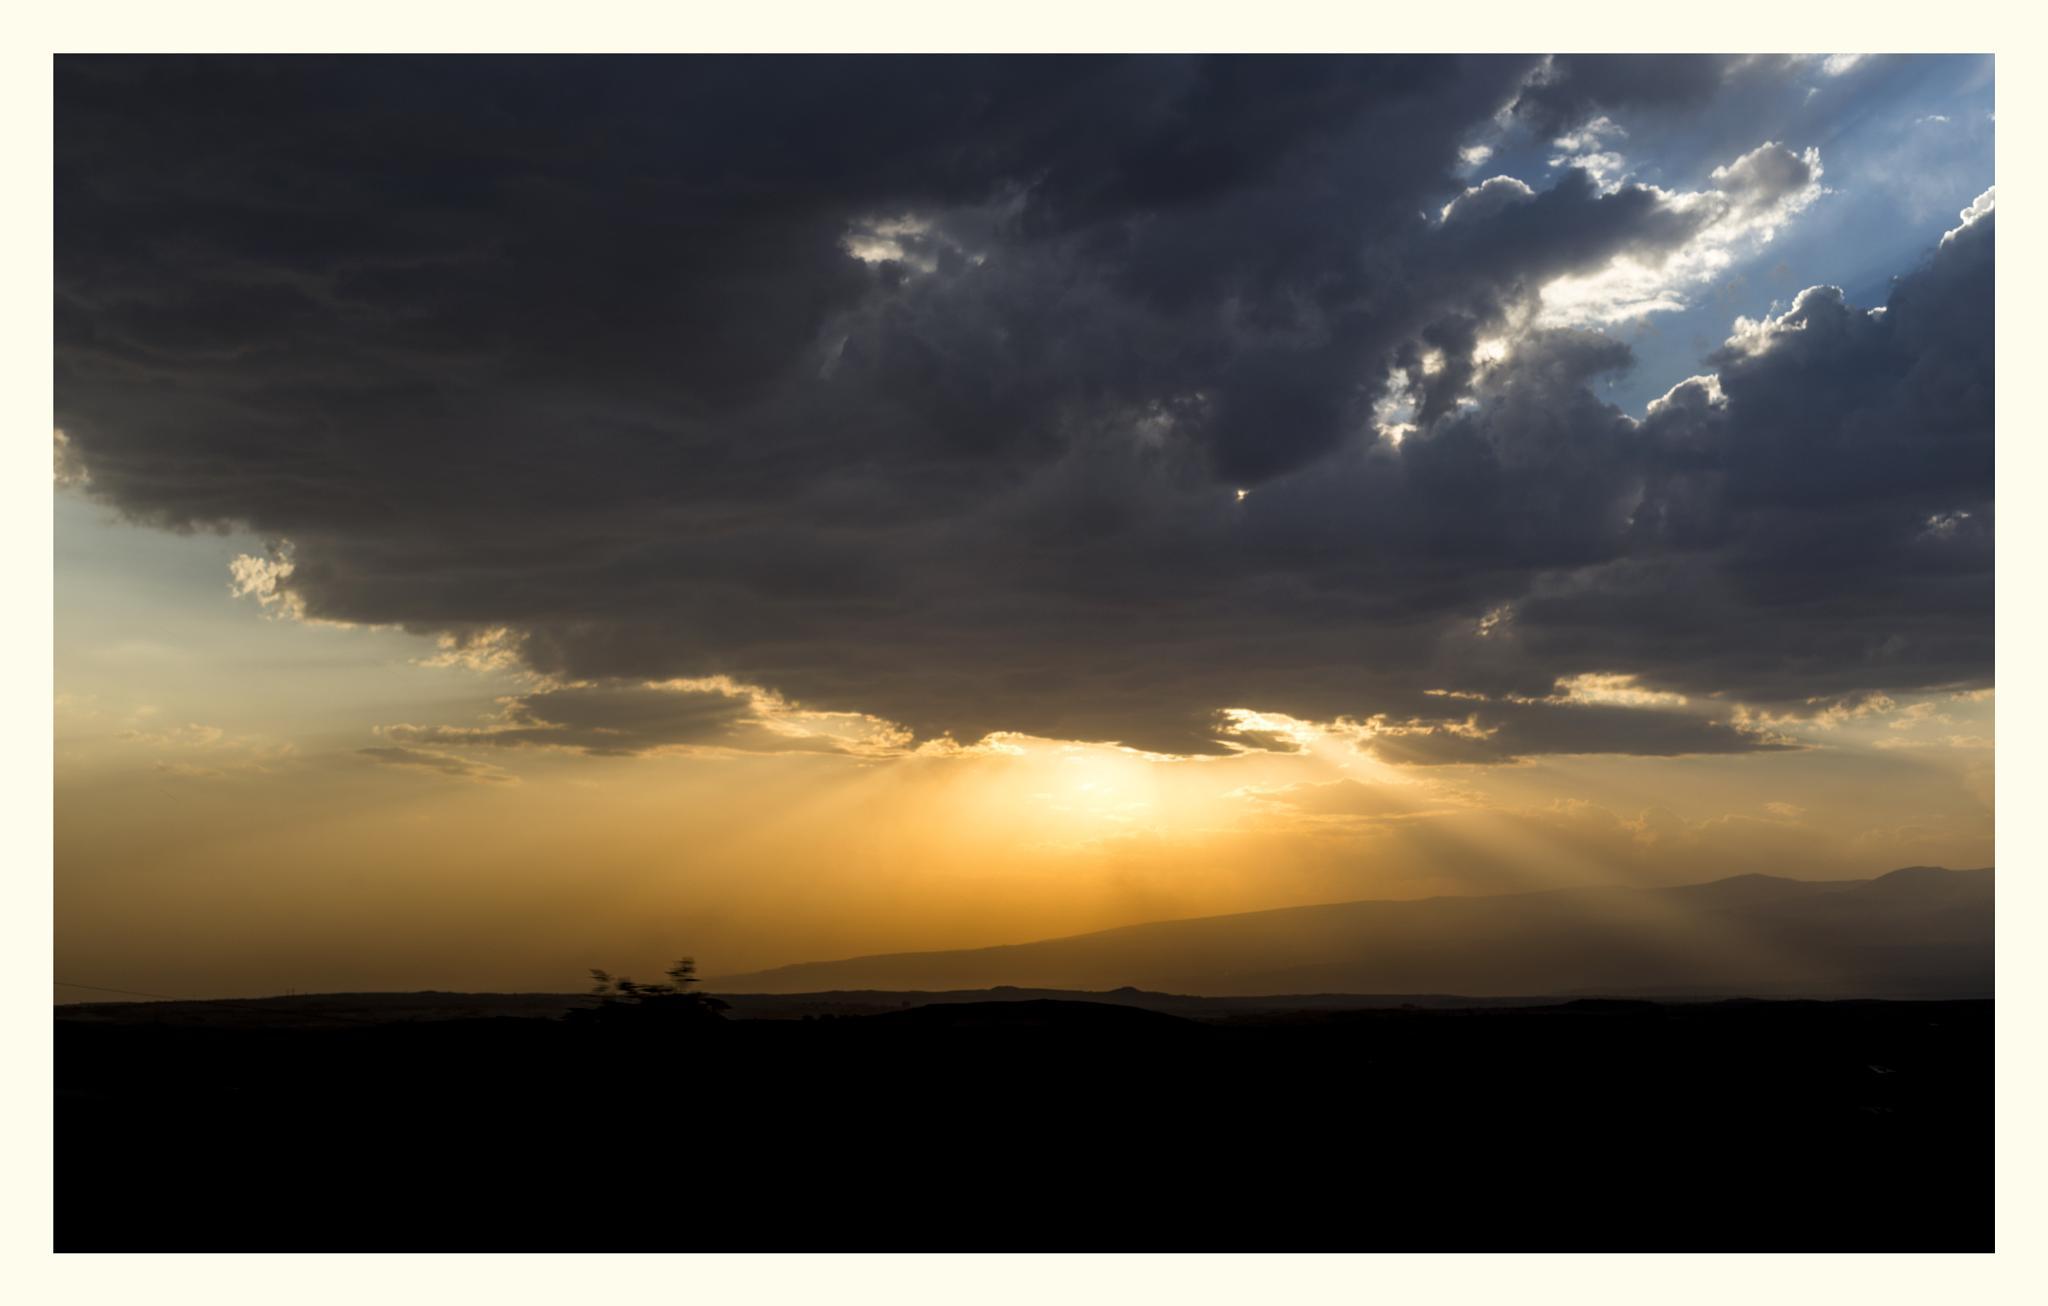 Sunset by Kar Yan